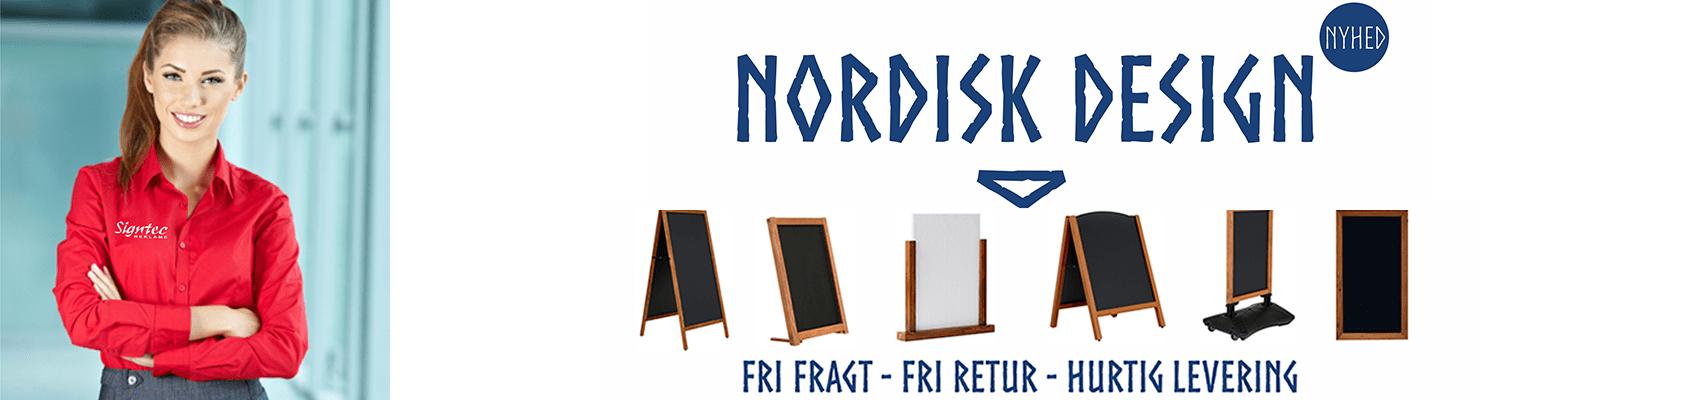 Nordisk design hos signtec